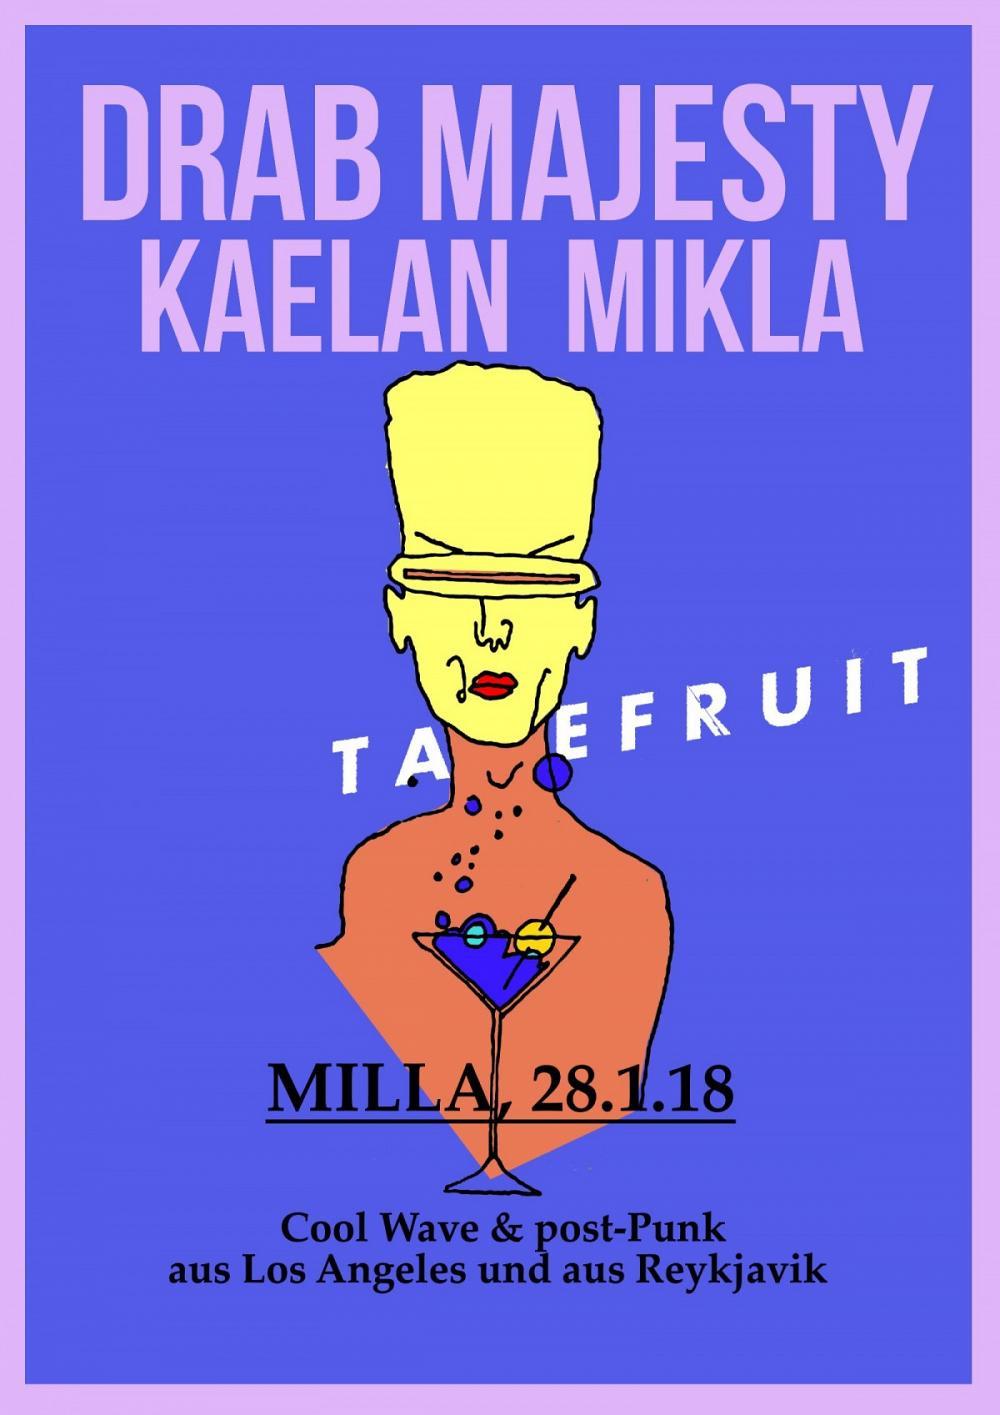 Tapefruit Konzert: Drab Majesty + Kælan Mikla | 28.01.2018 @ Milla Club